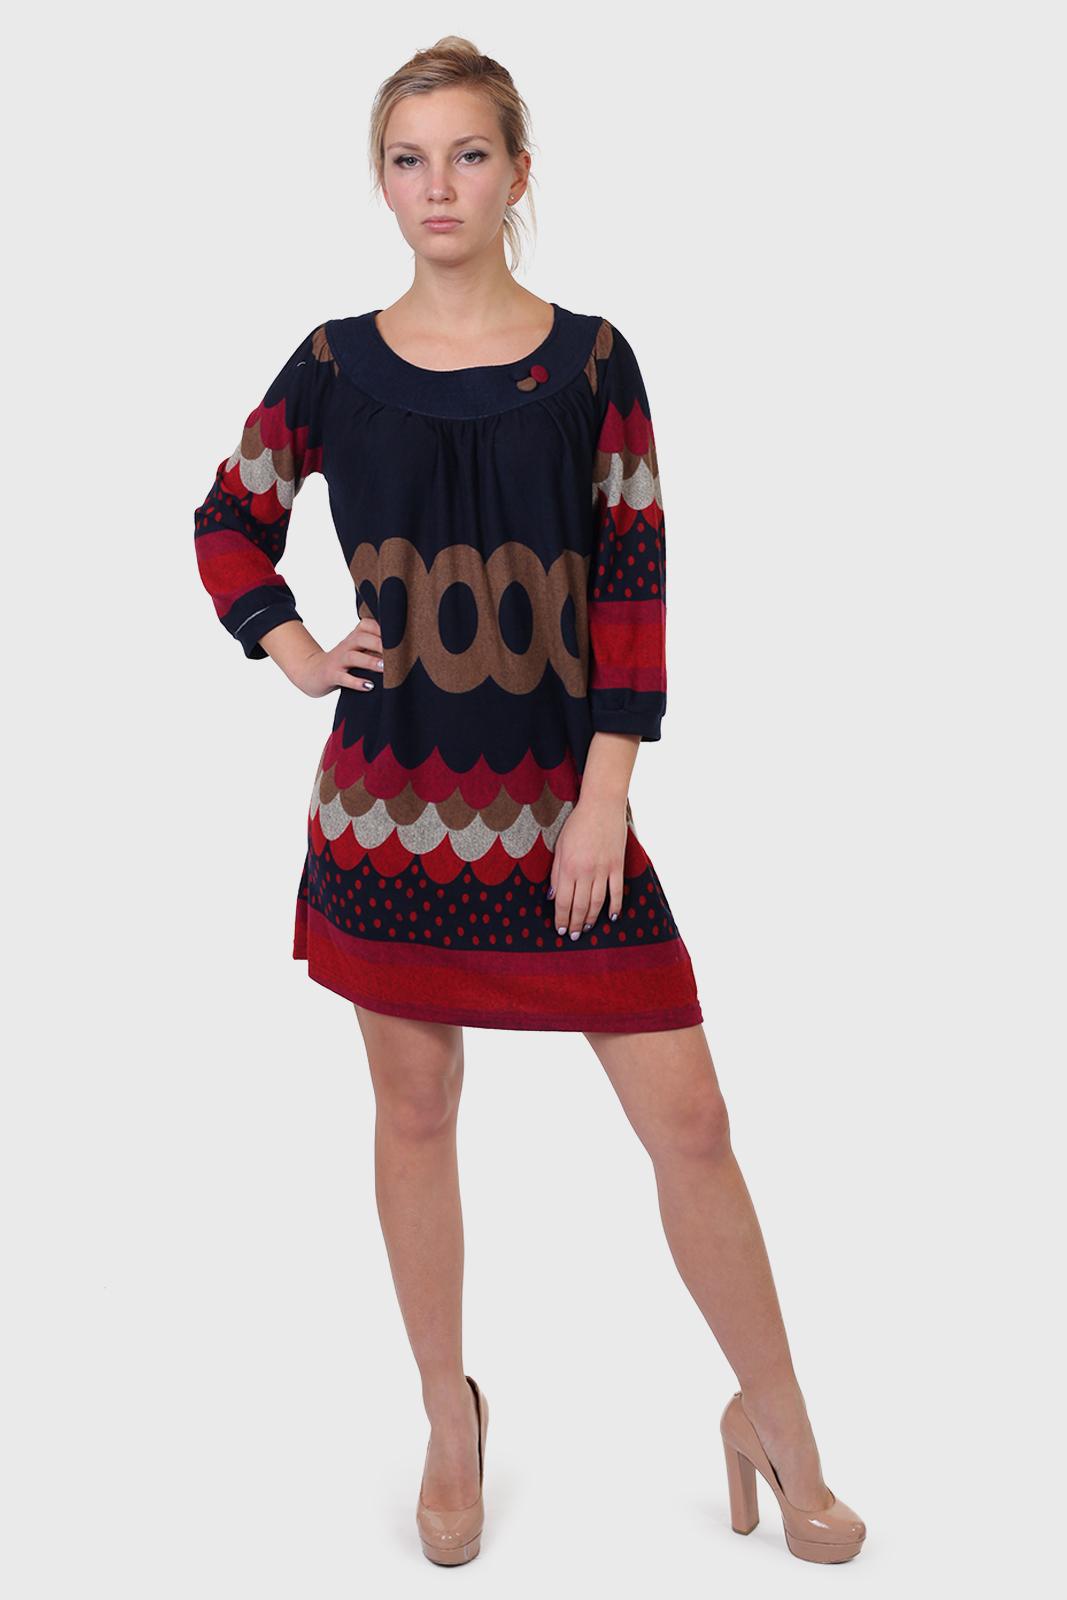 Купить в интернет магазине платье на осень